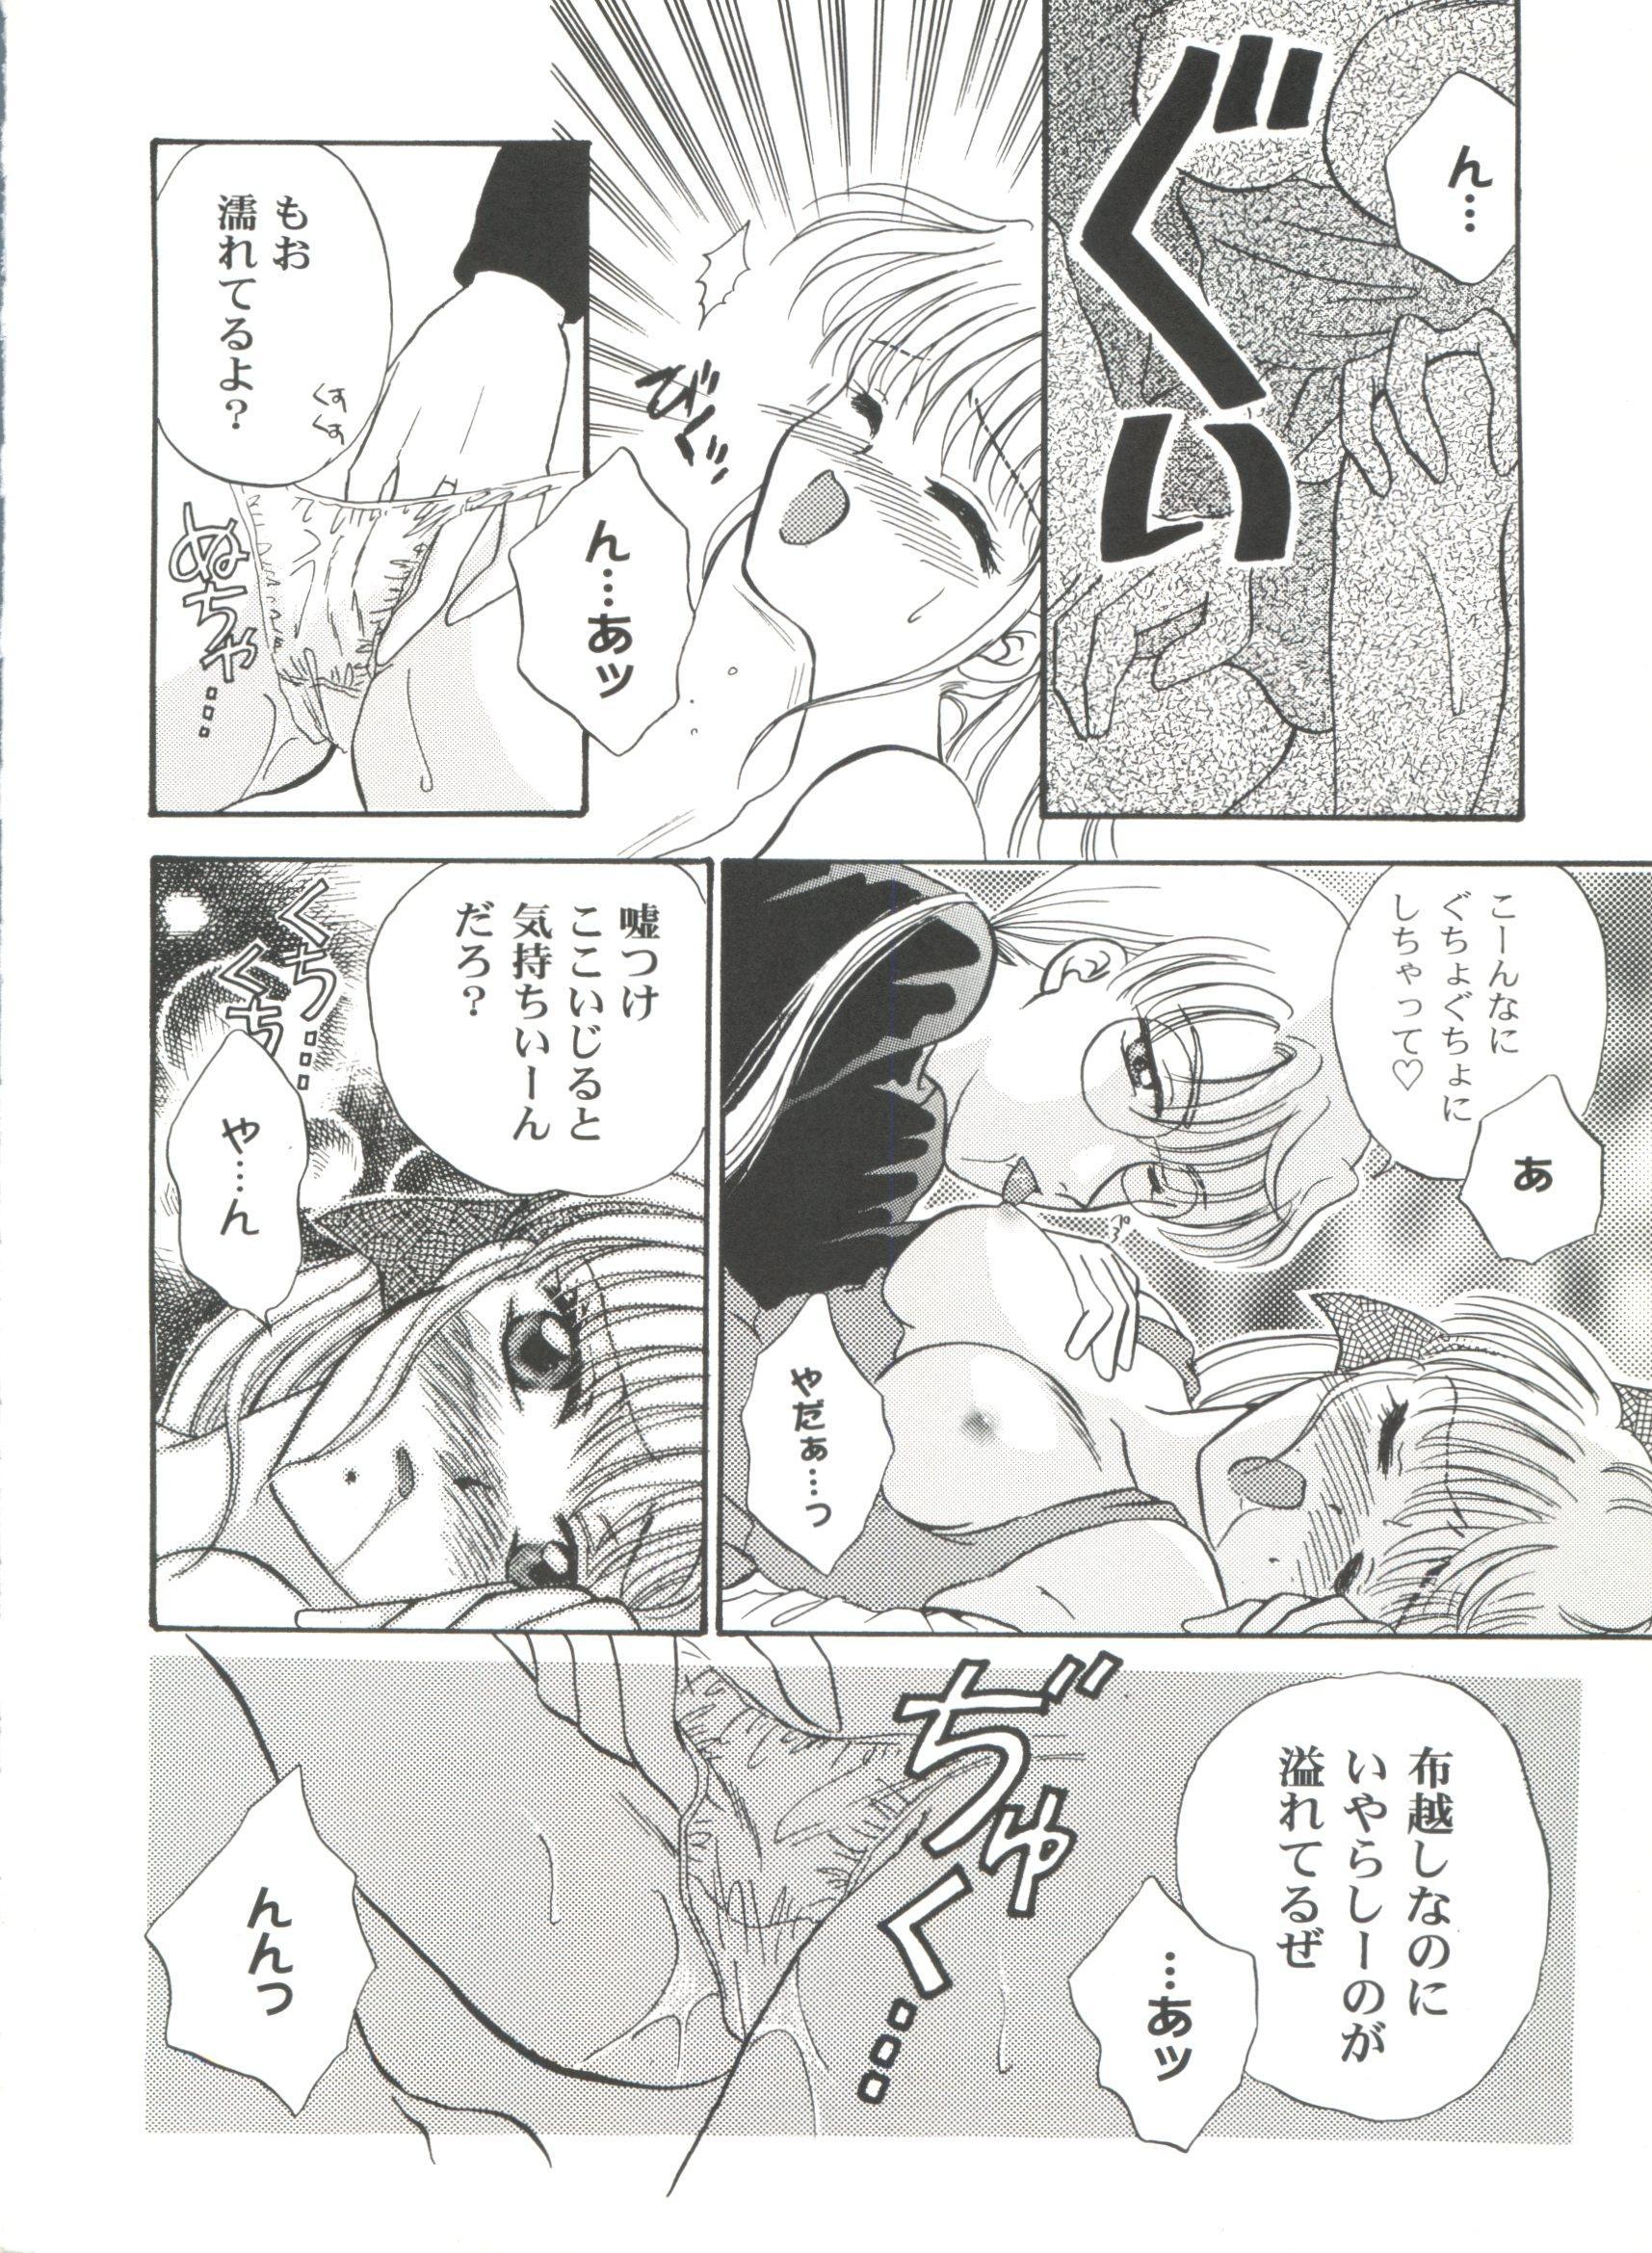 Bishoujo Doujinshi Anthology Cute 4 109